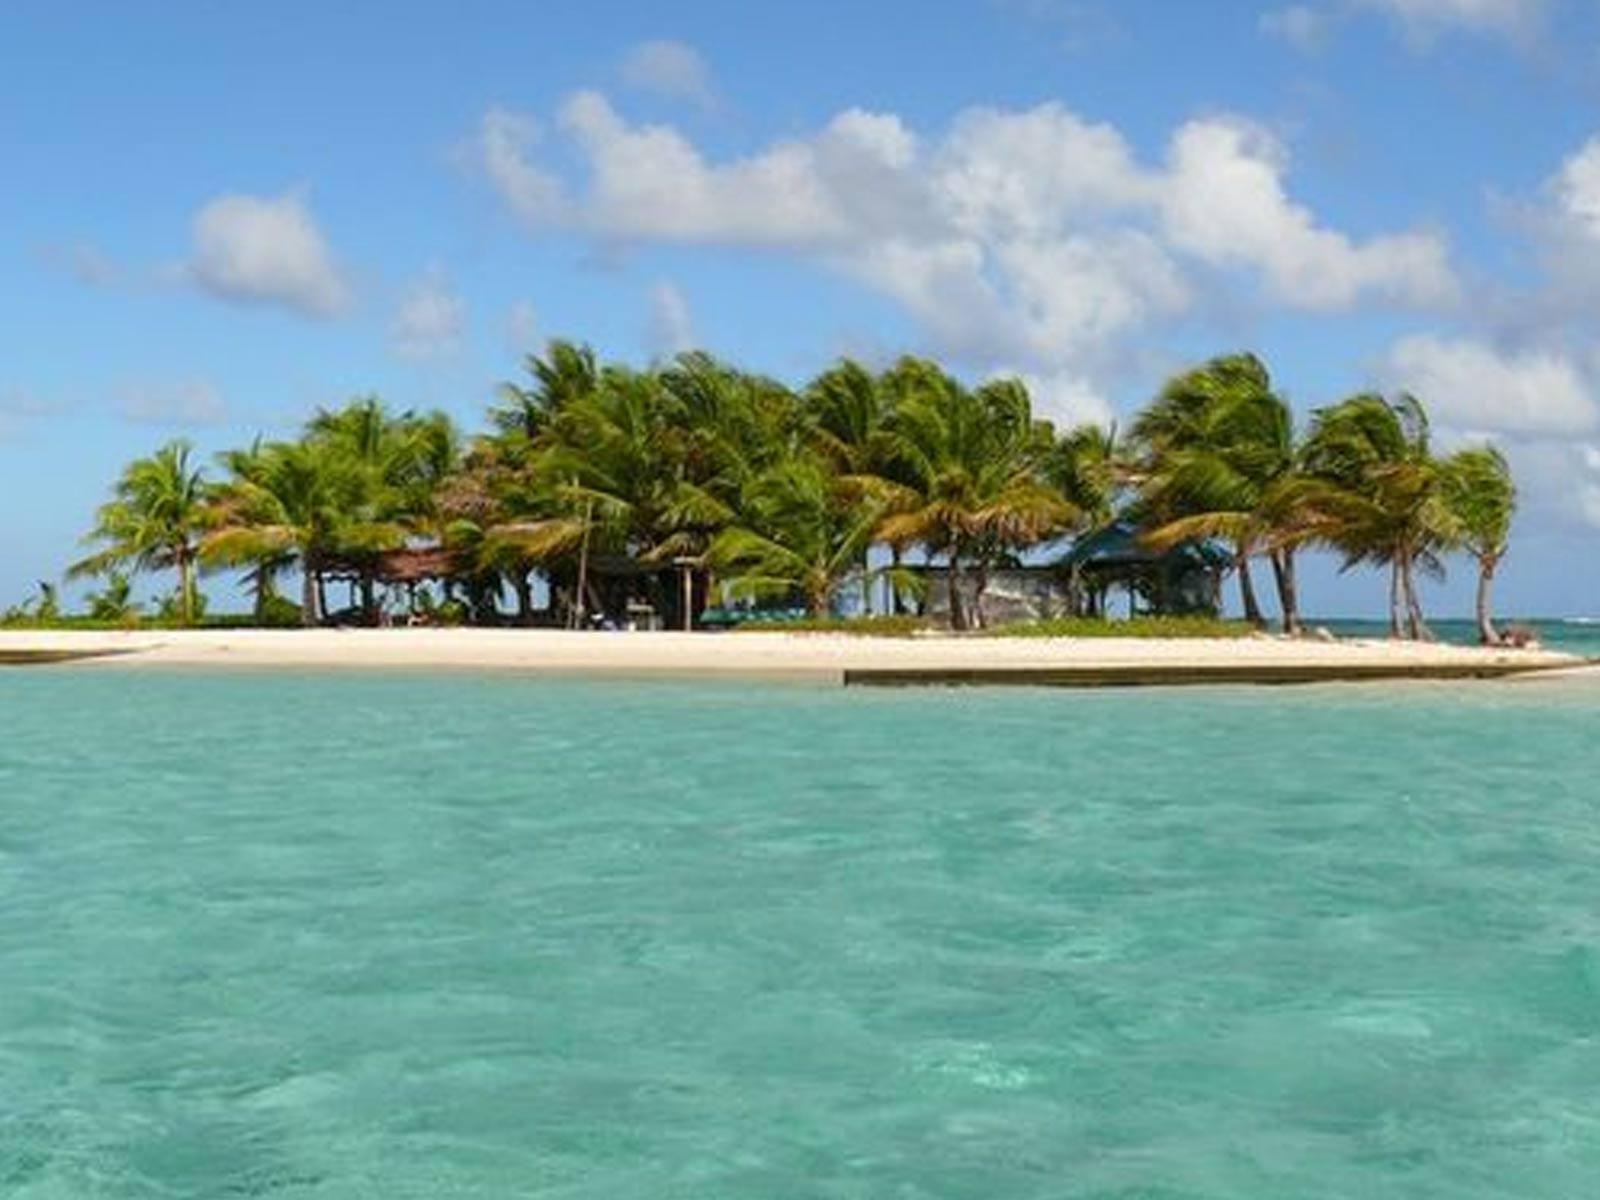 Ilet Caret 2002 - Guadeloupe